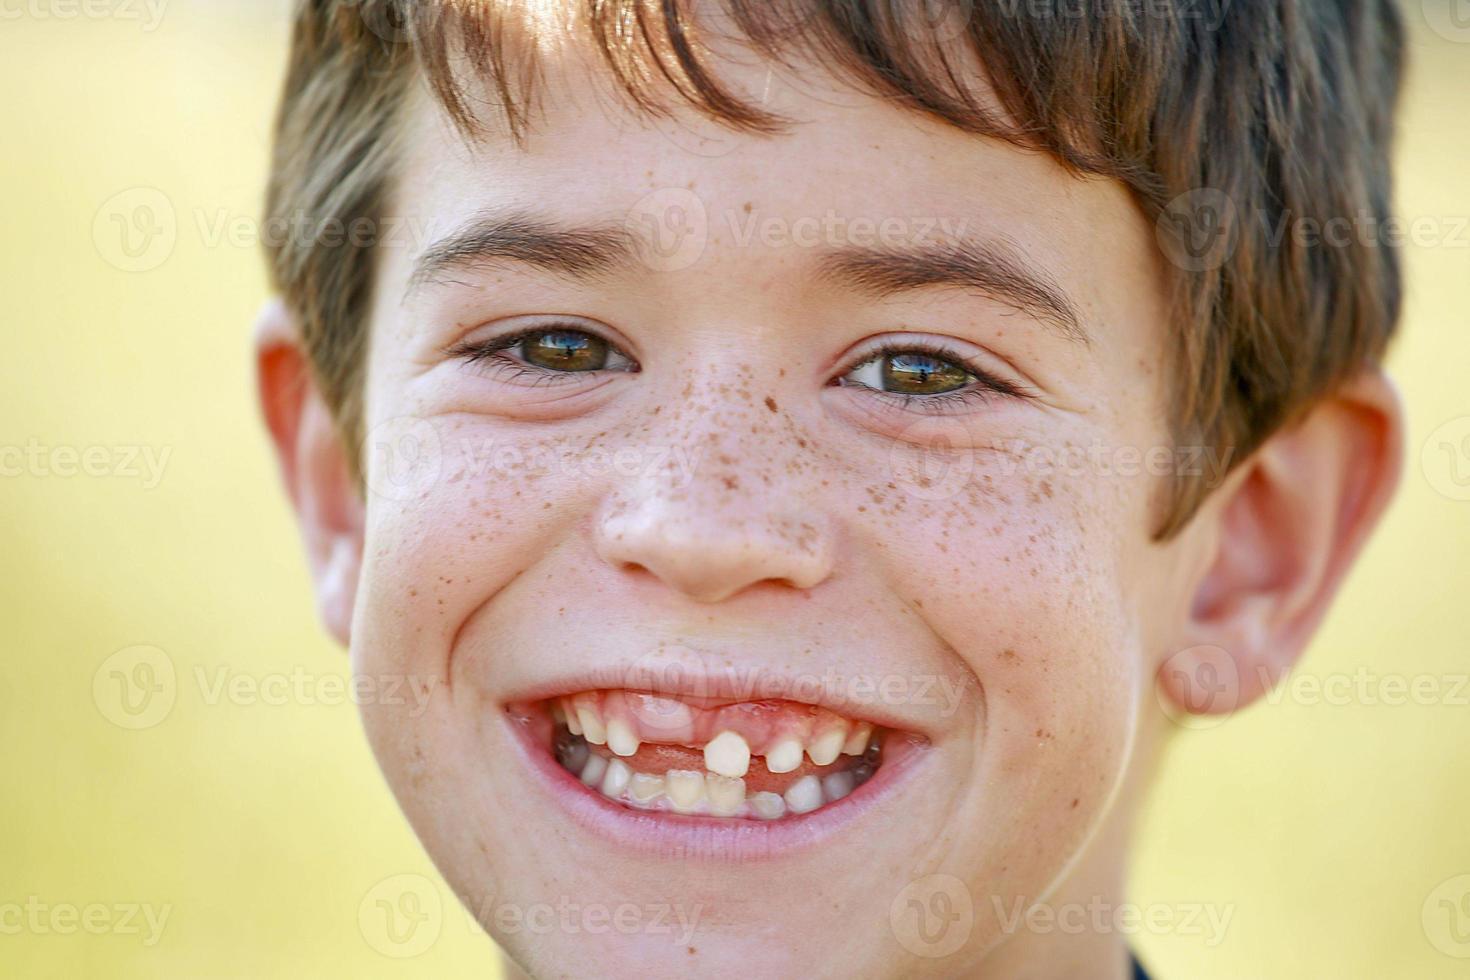 närbild av pojke foto